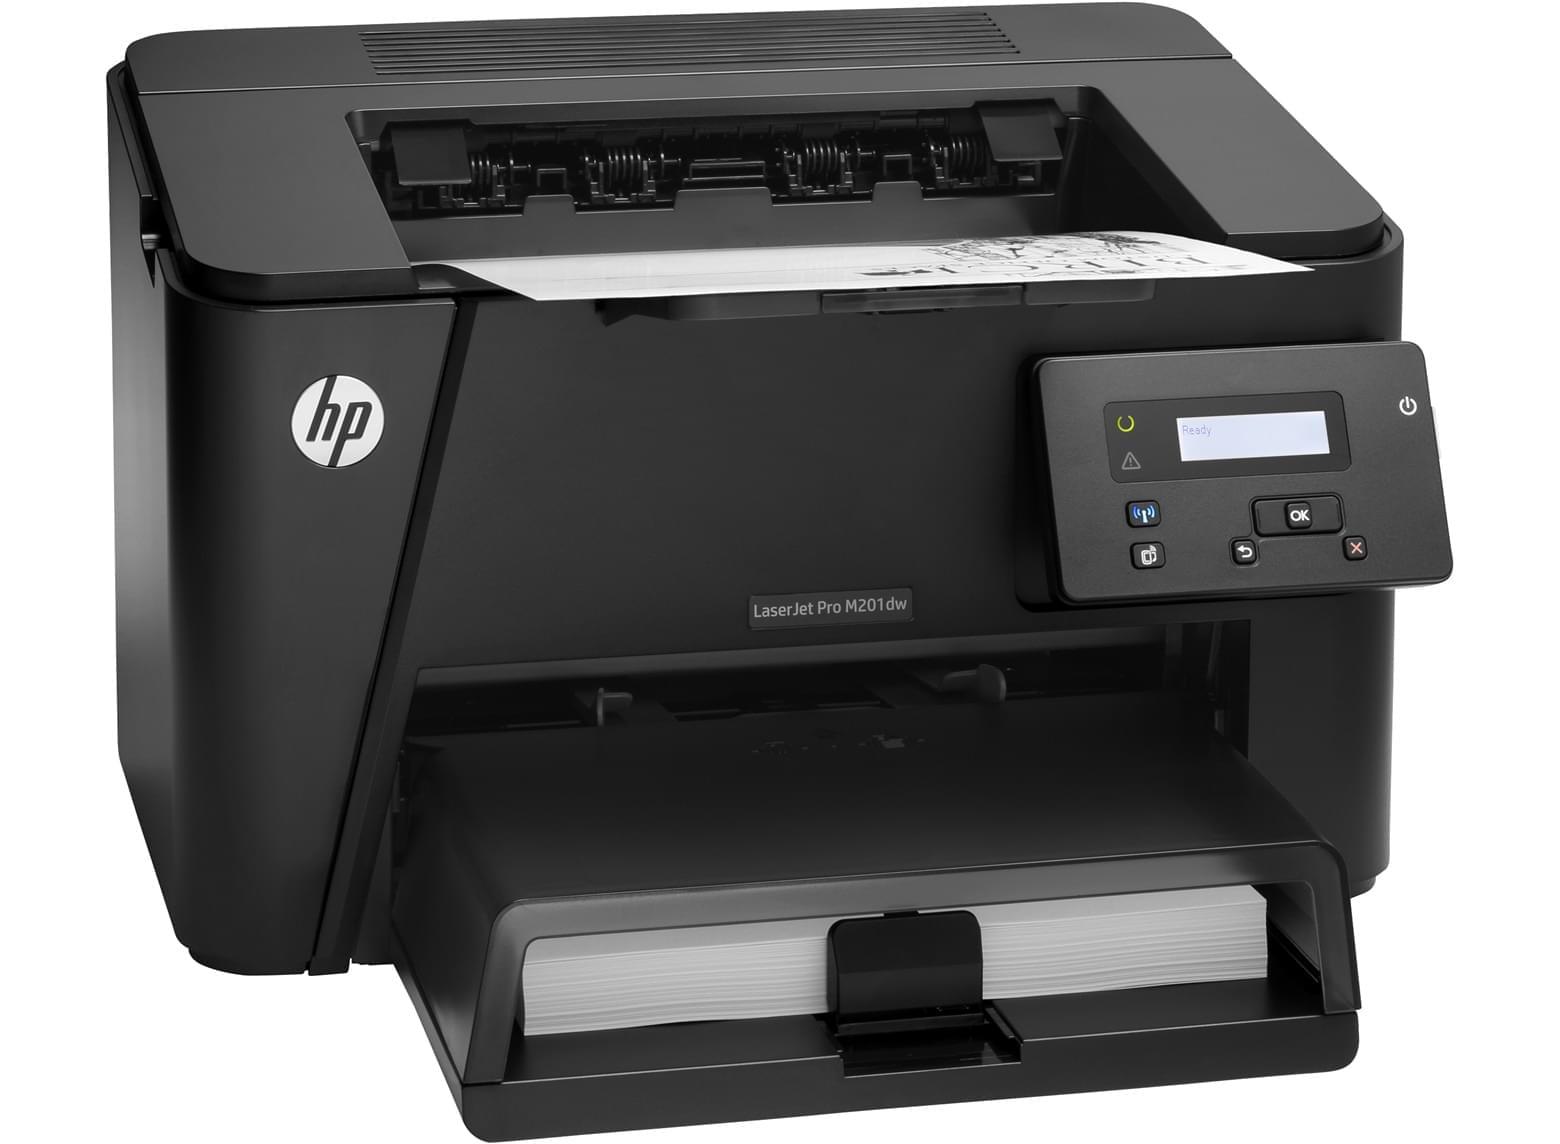 Imprimante HP LaserJet Pro M201dw - Cybertek.fr - 0